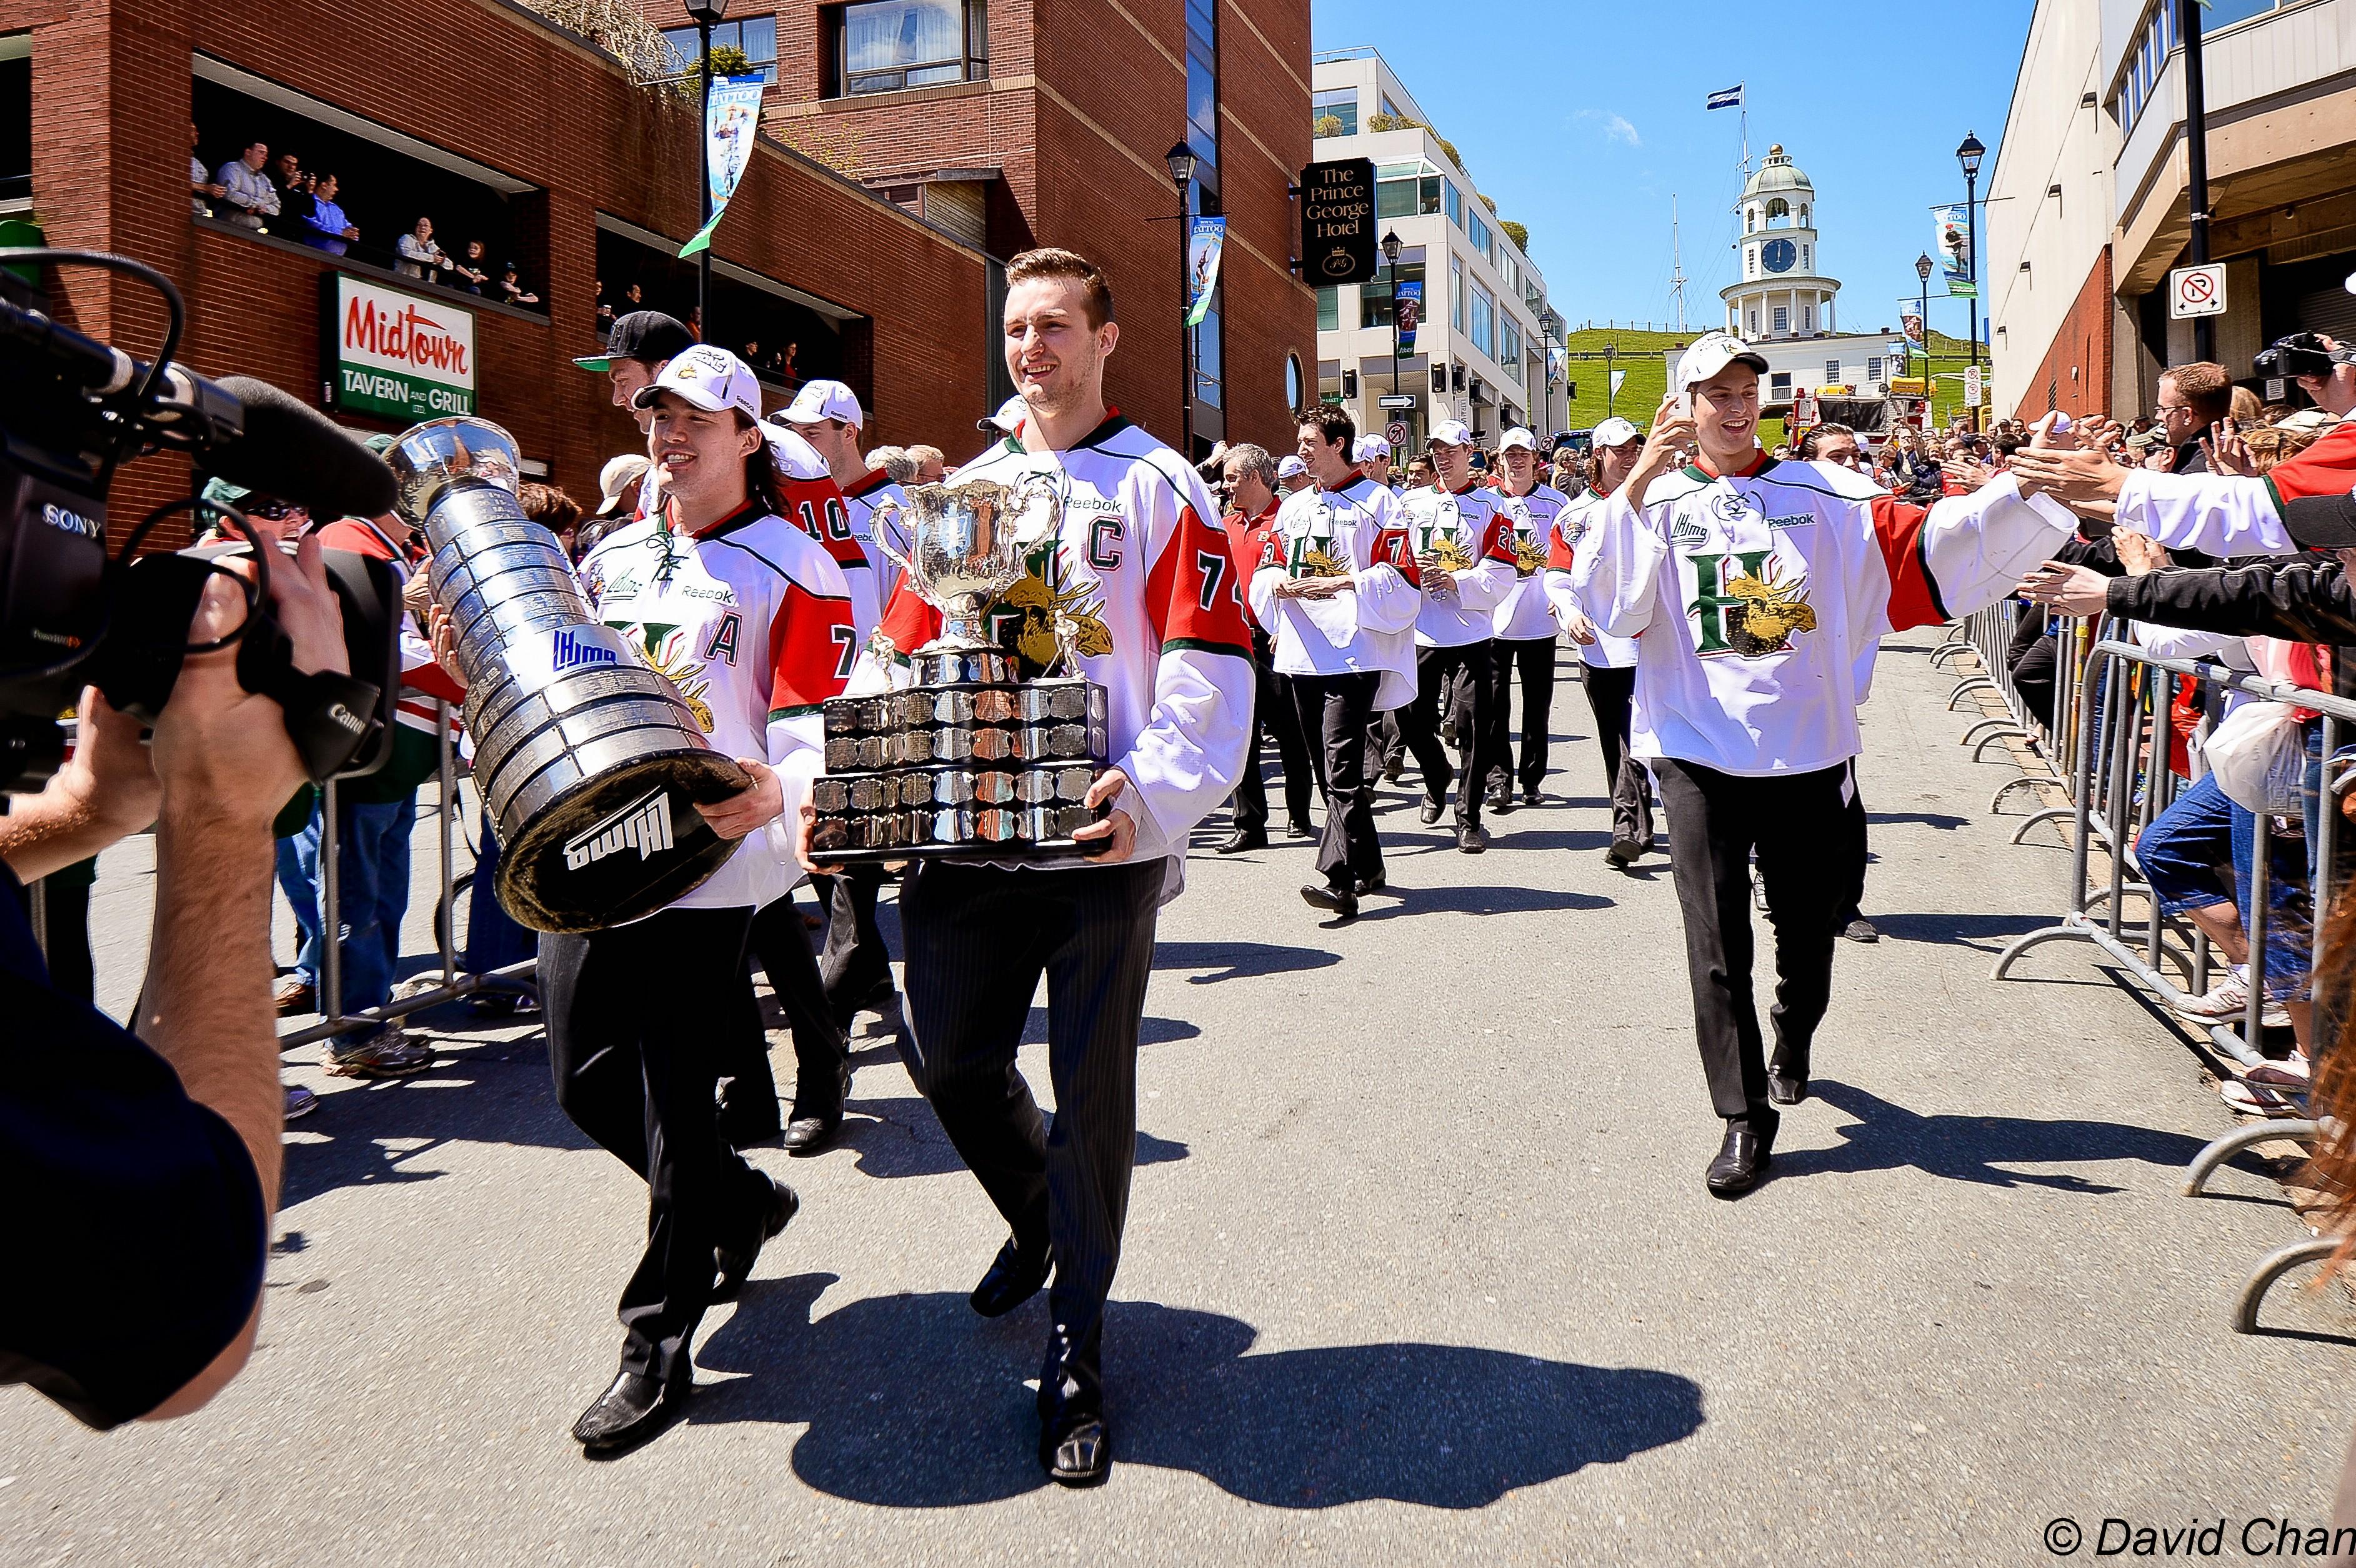 Memorial Cup Parade